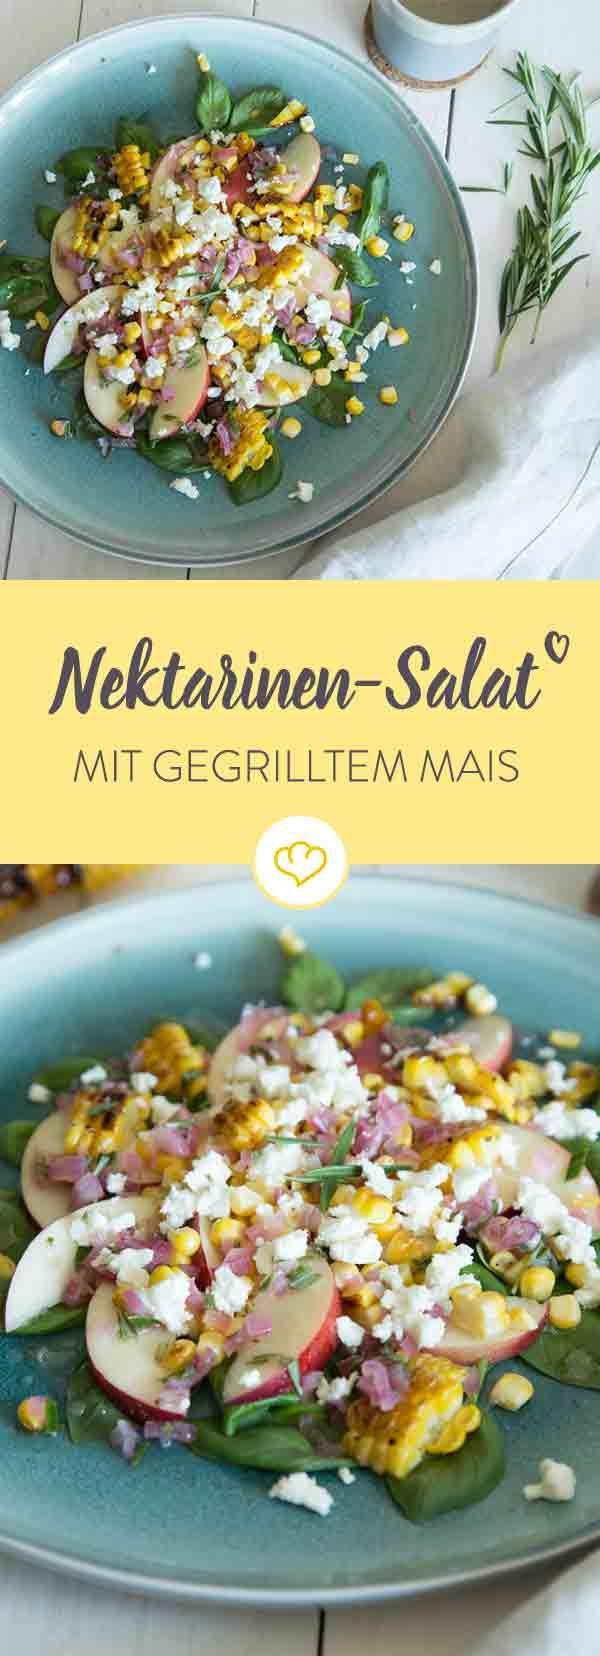 Kaum ist Sommer und schon hast du den Salat! Und zwar mit gegrilltem Mais, Nektarinen, frischen Kräutern, Schafskäse und Schalotten-Dressing.